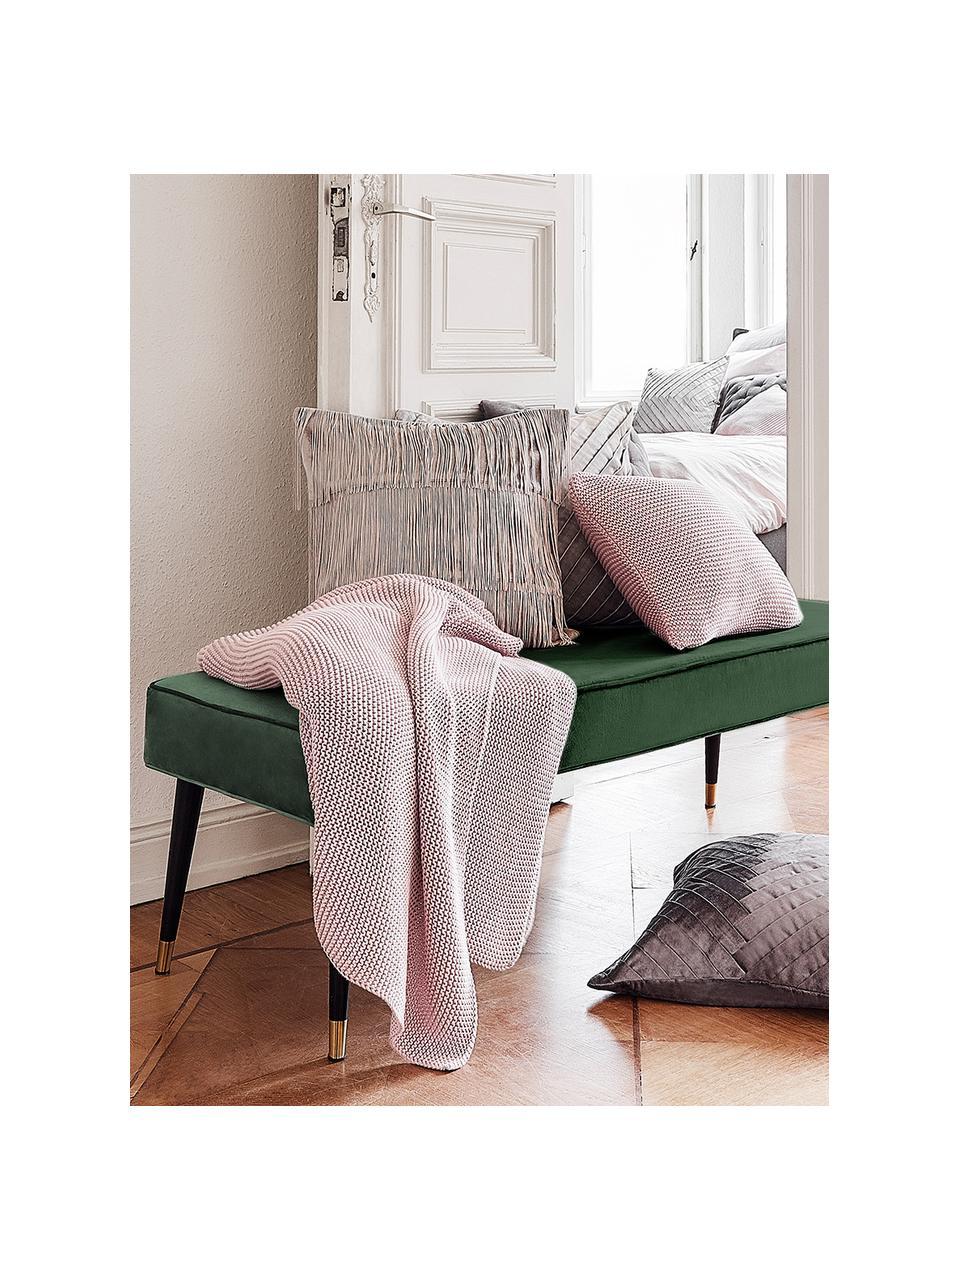 Samt-Sitzbank Beverly, Bezug: Samt (Polyester) Der Bezu, Gestell: Eukalyptusholz, Beine: Metall, pulverbeschichtet, Dunkelgrün, 140 x 46 cm